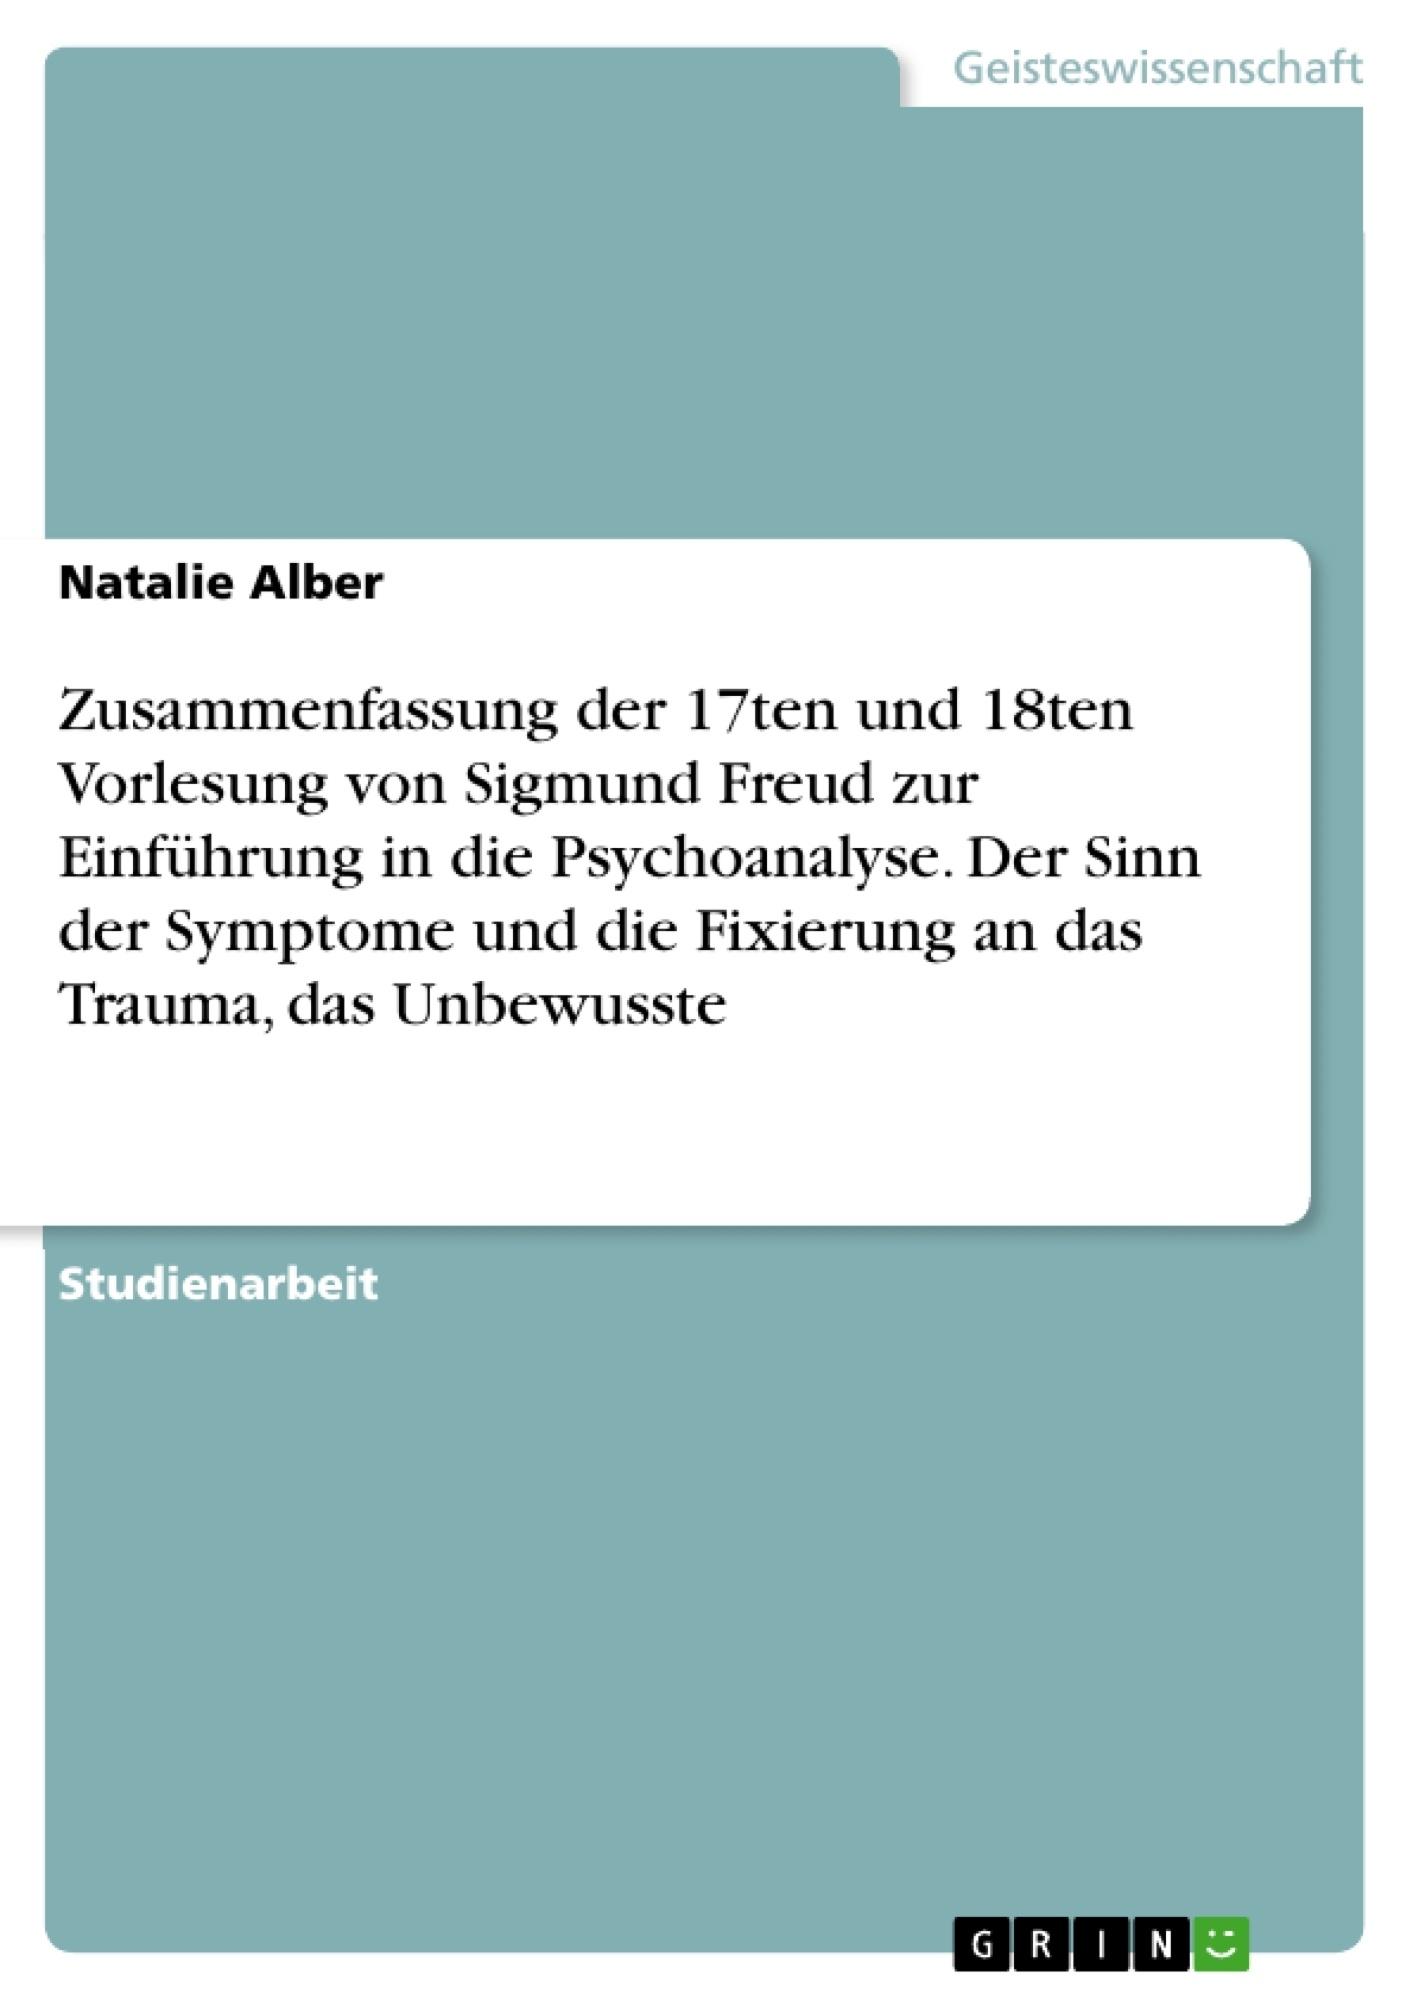 Titel: Zusammenfassung der 17ten und 18ten Vorlesung von Sigmund Freud zur Einführung in die Psychoanalyse. Der Sinn der Symptome und die Fixierung an das Trauma, das Unbewusste